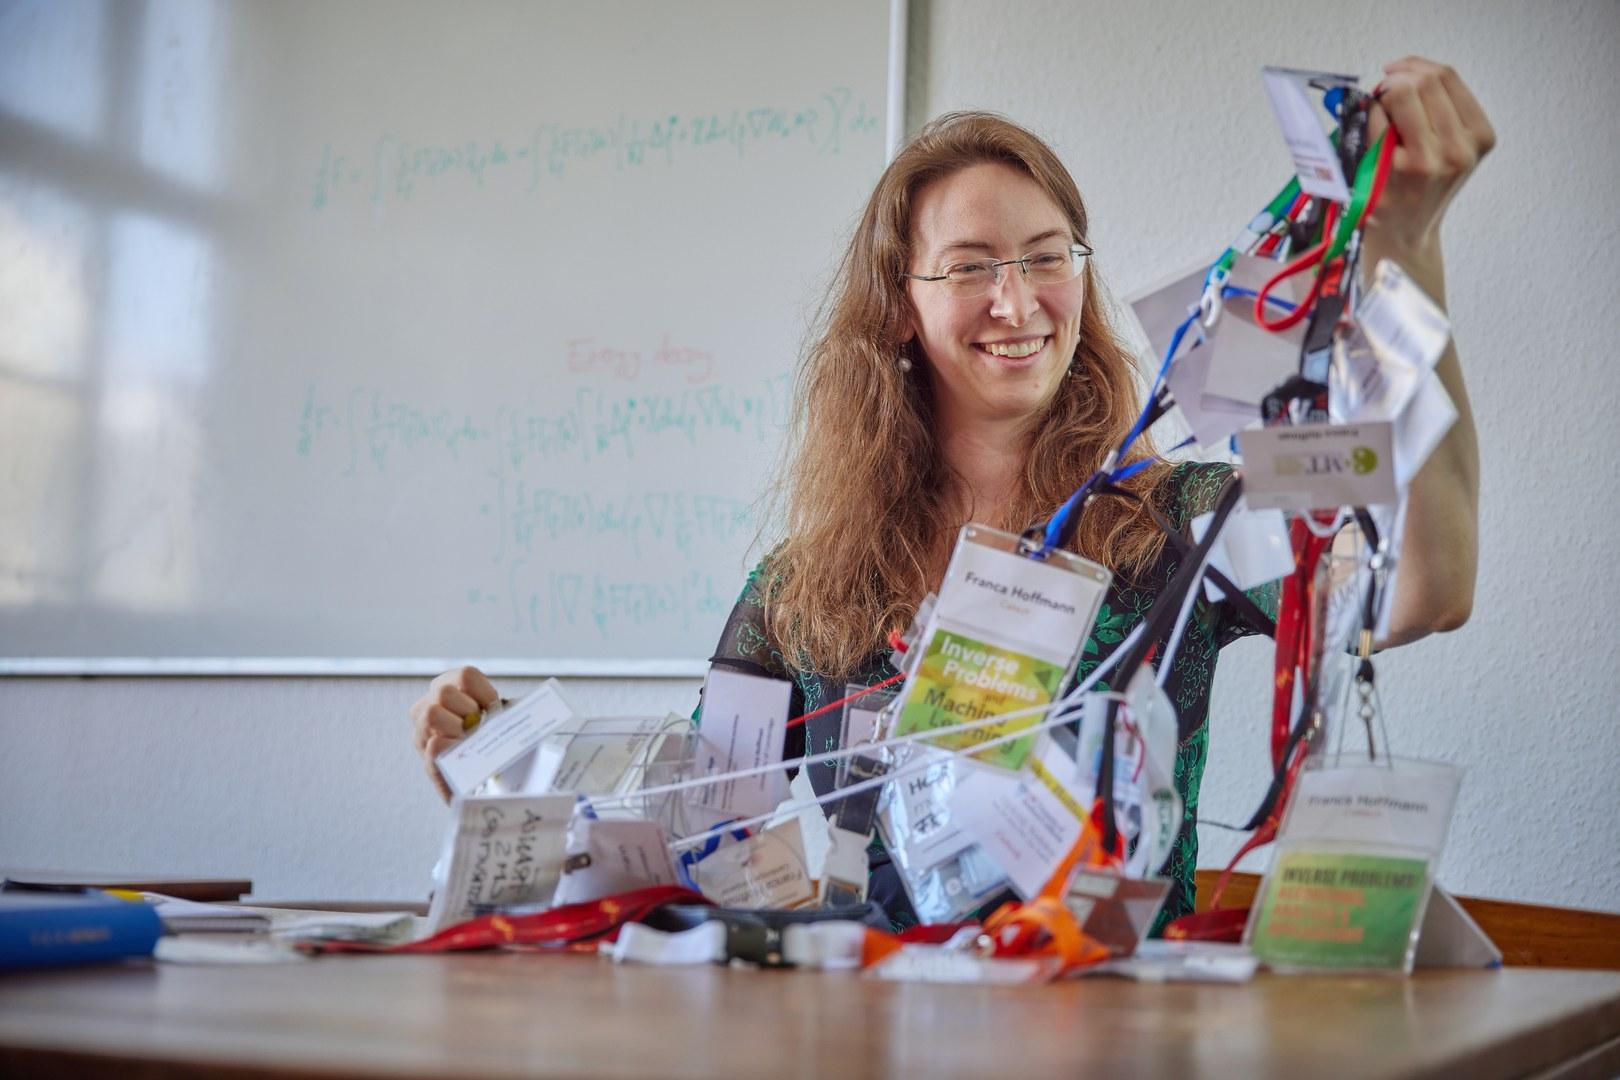 Gesammelt auf der ganzen Welt: Franca Hoffmann hat Teilnehmerschilder von den unterschiedlichsten Konferenzen mit nach Bonn gebracht.